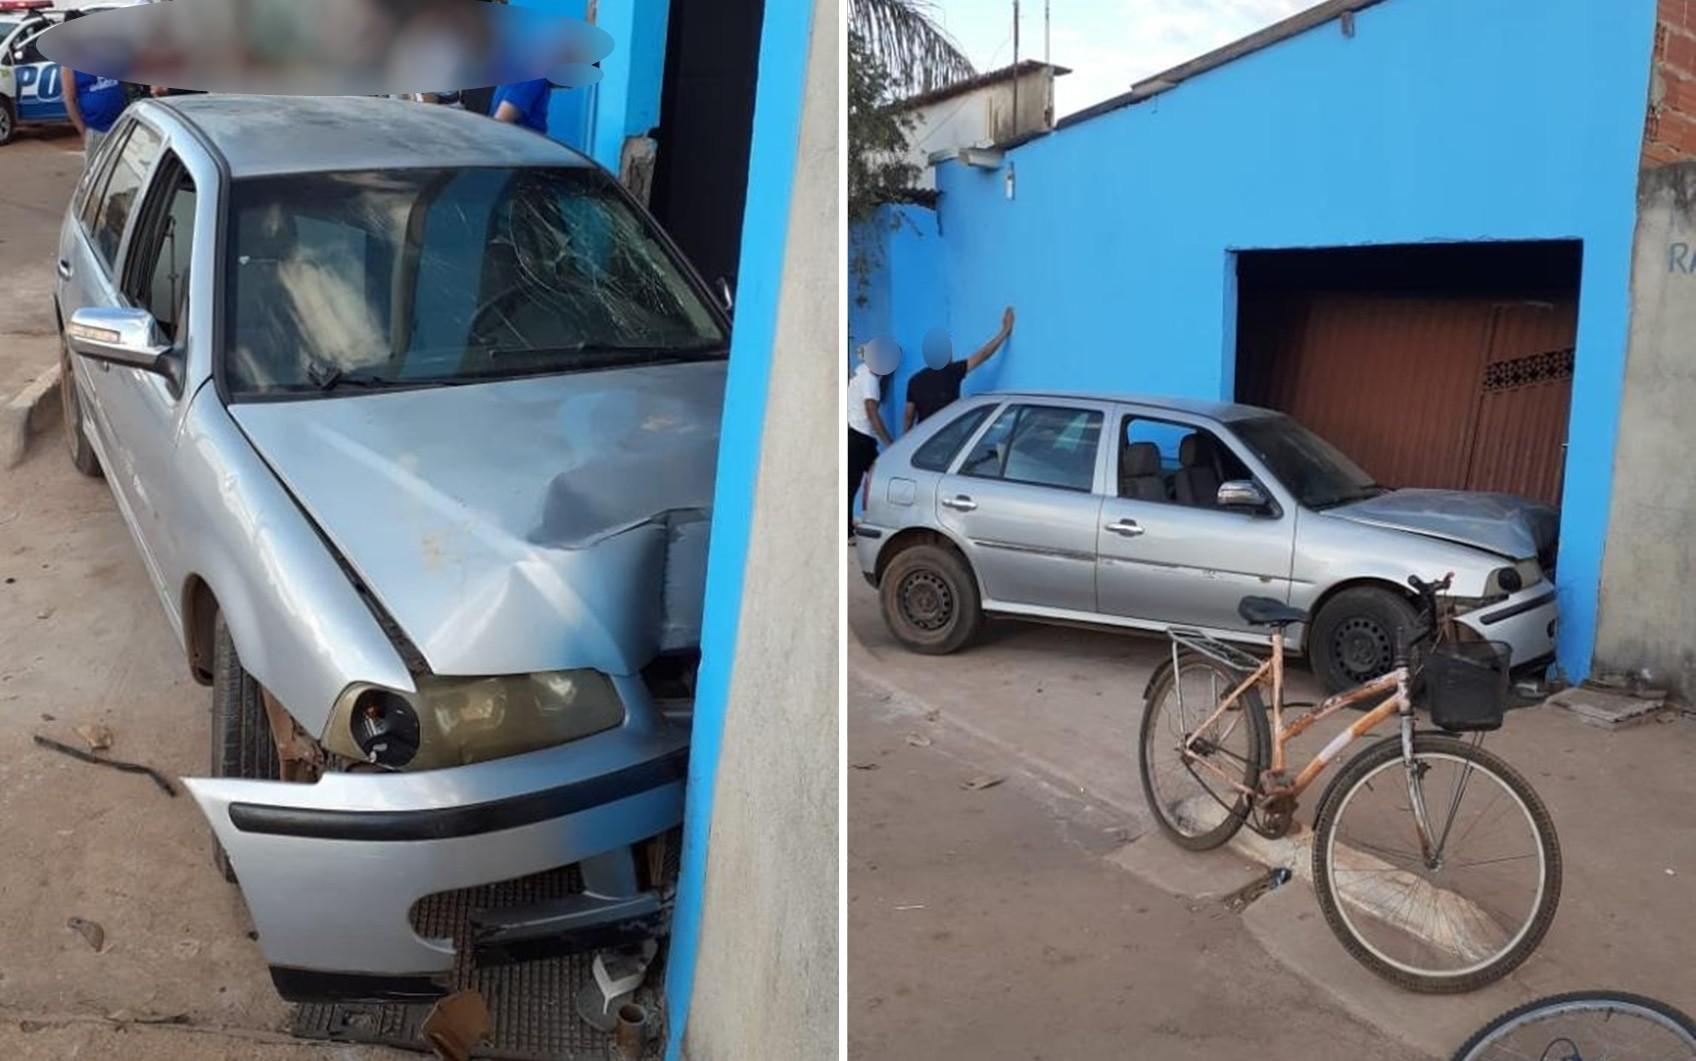 Jovem é preso por dirigir bêbado, invadir casa com carro e atropelar crianças em Anápolis, diz PM